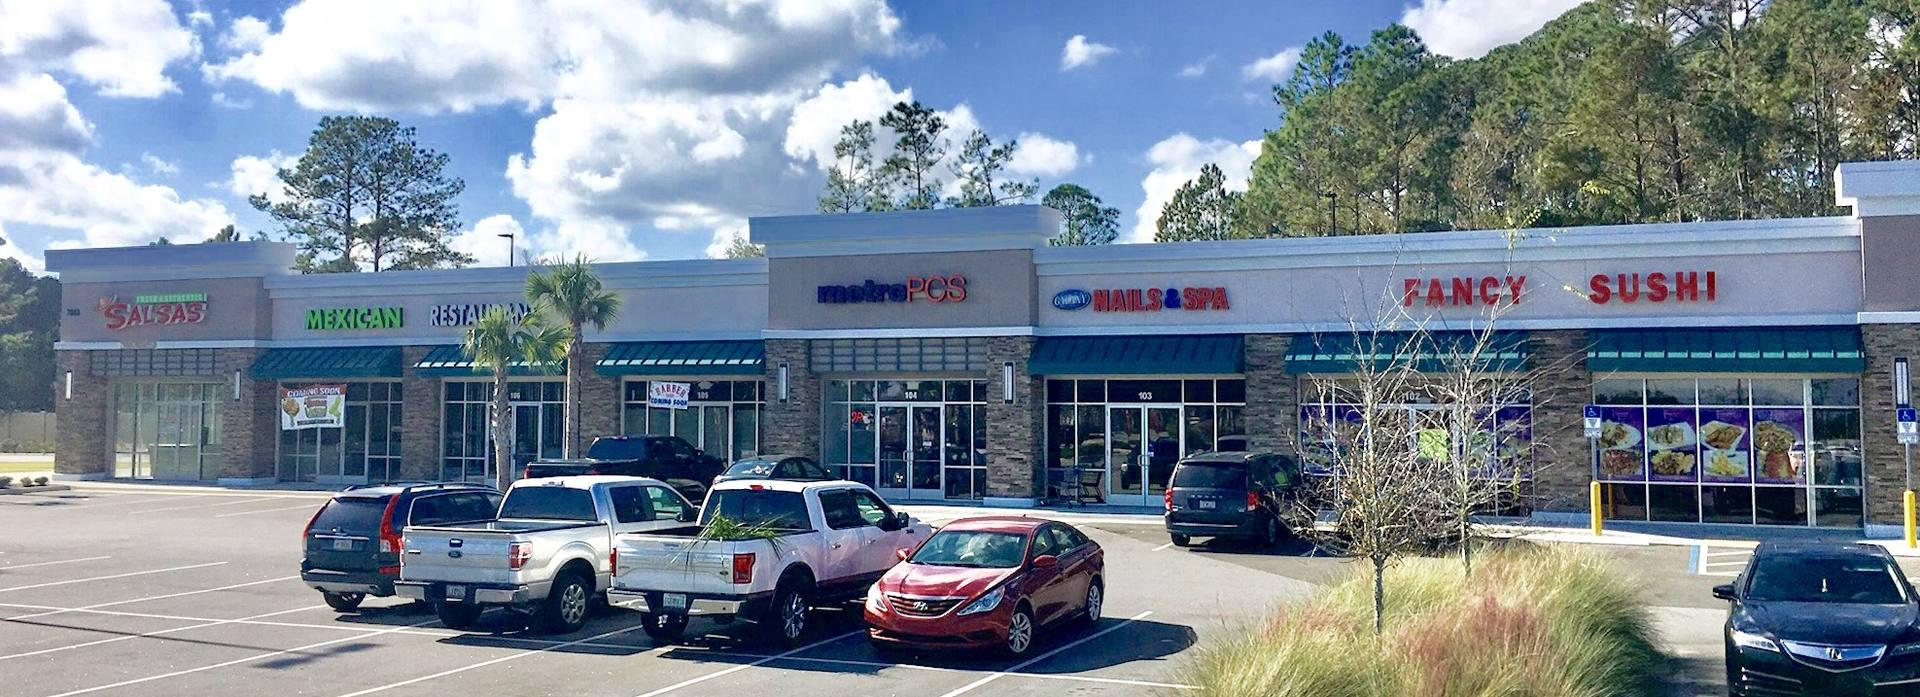 Jacksonville FL: FL. Collins Plaza Walmart Supercenter - Retail ...